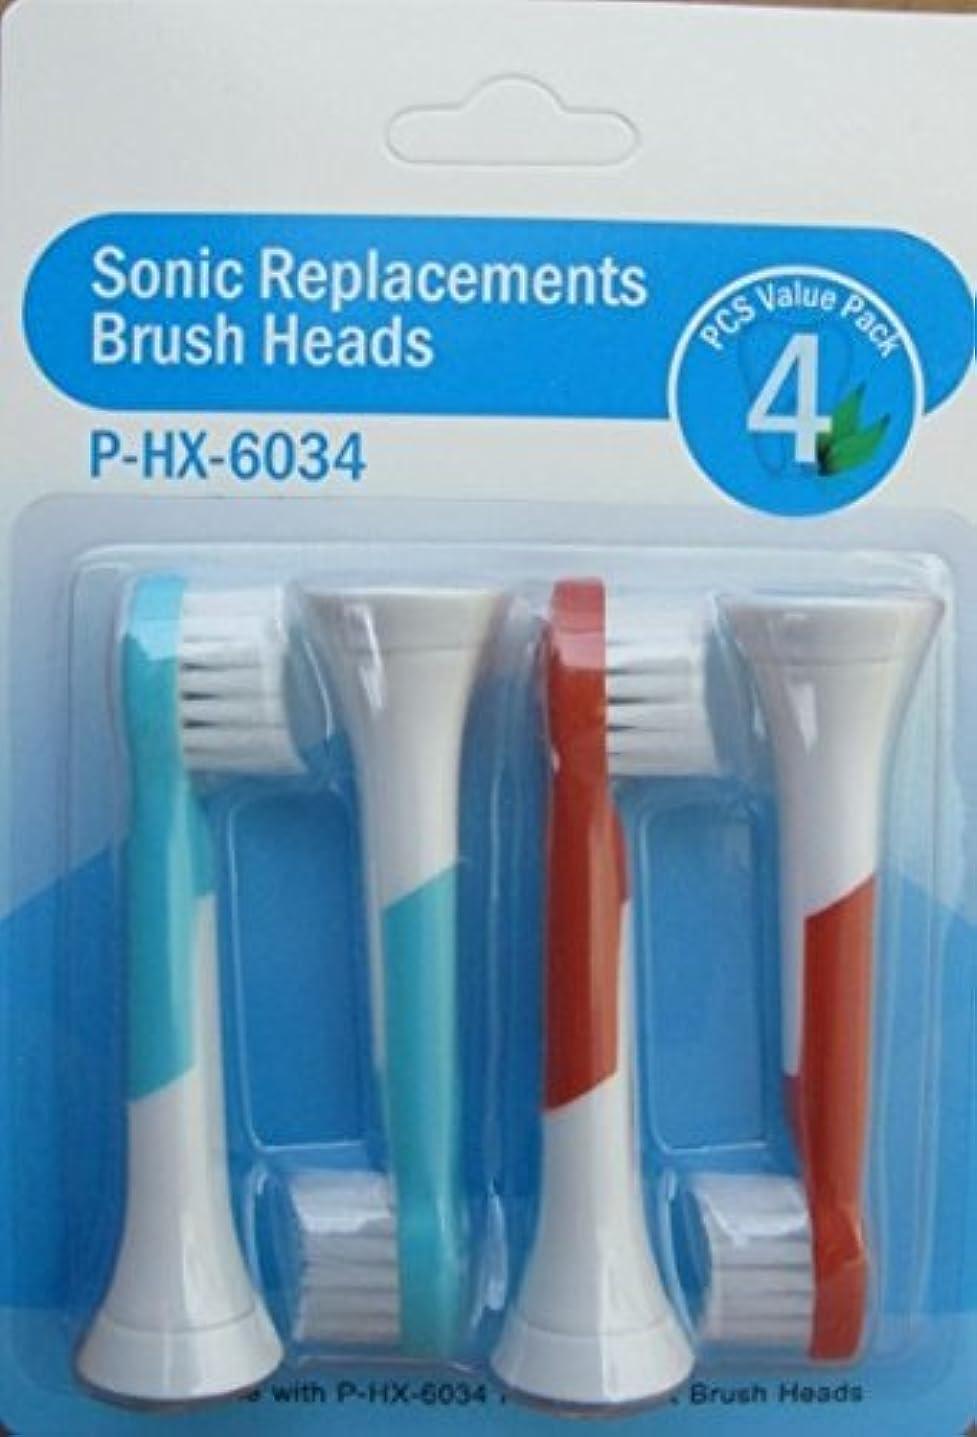 悲しむシダアプライアンスフィリップス  ソニッケア 対応 電動歯ブラシ キッズ HX6031/11互換品 HX6034  互換ブラシ4本入 ミニタイプ